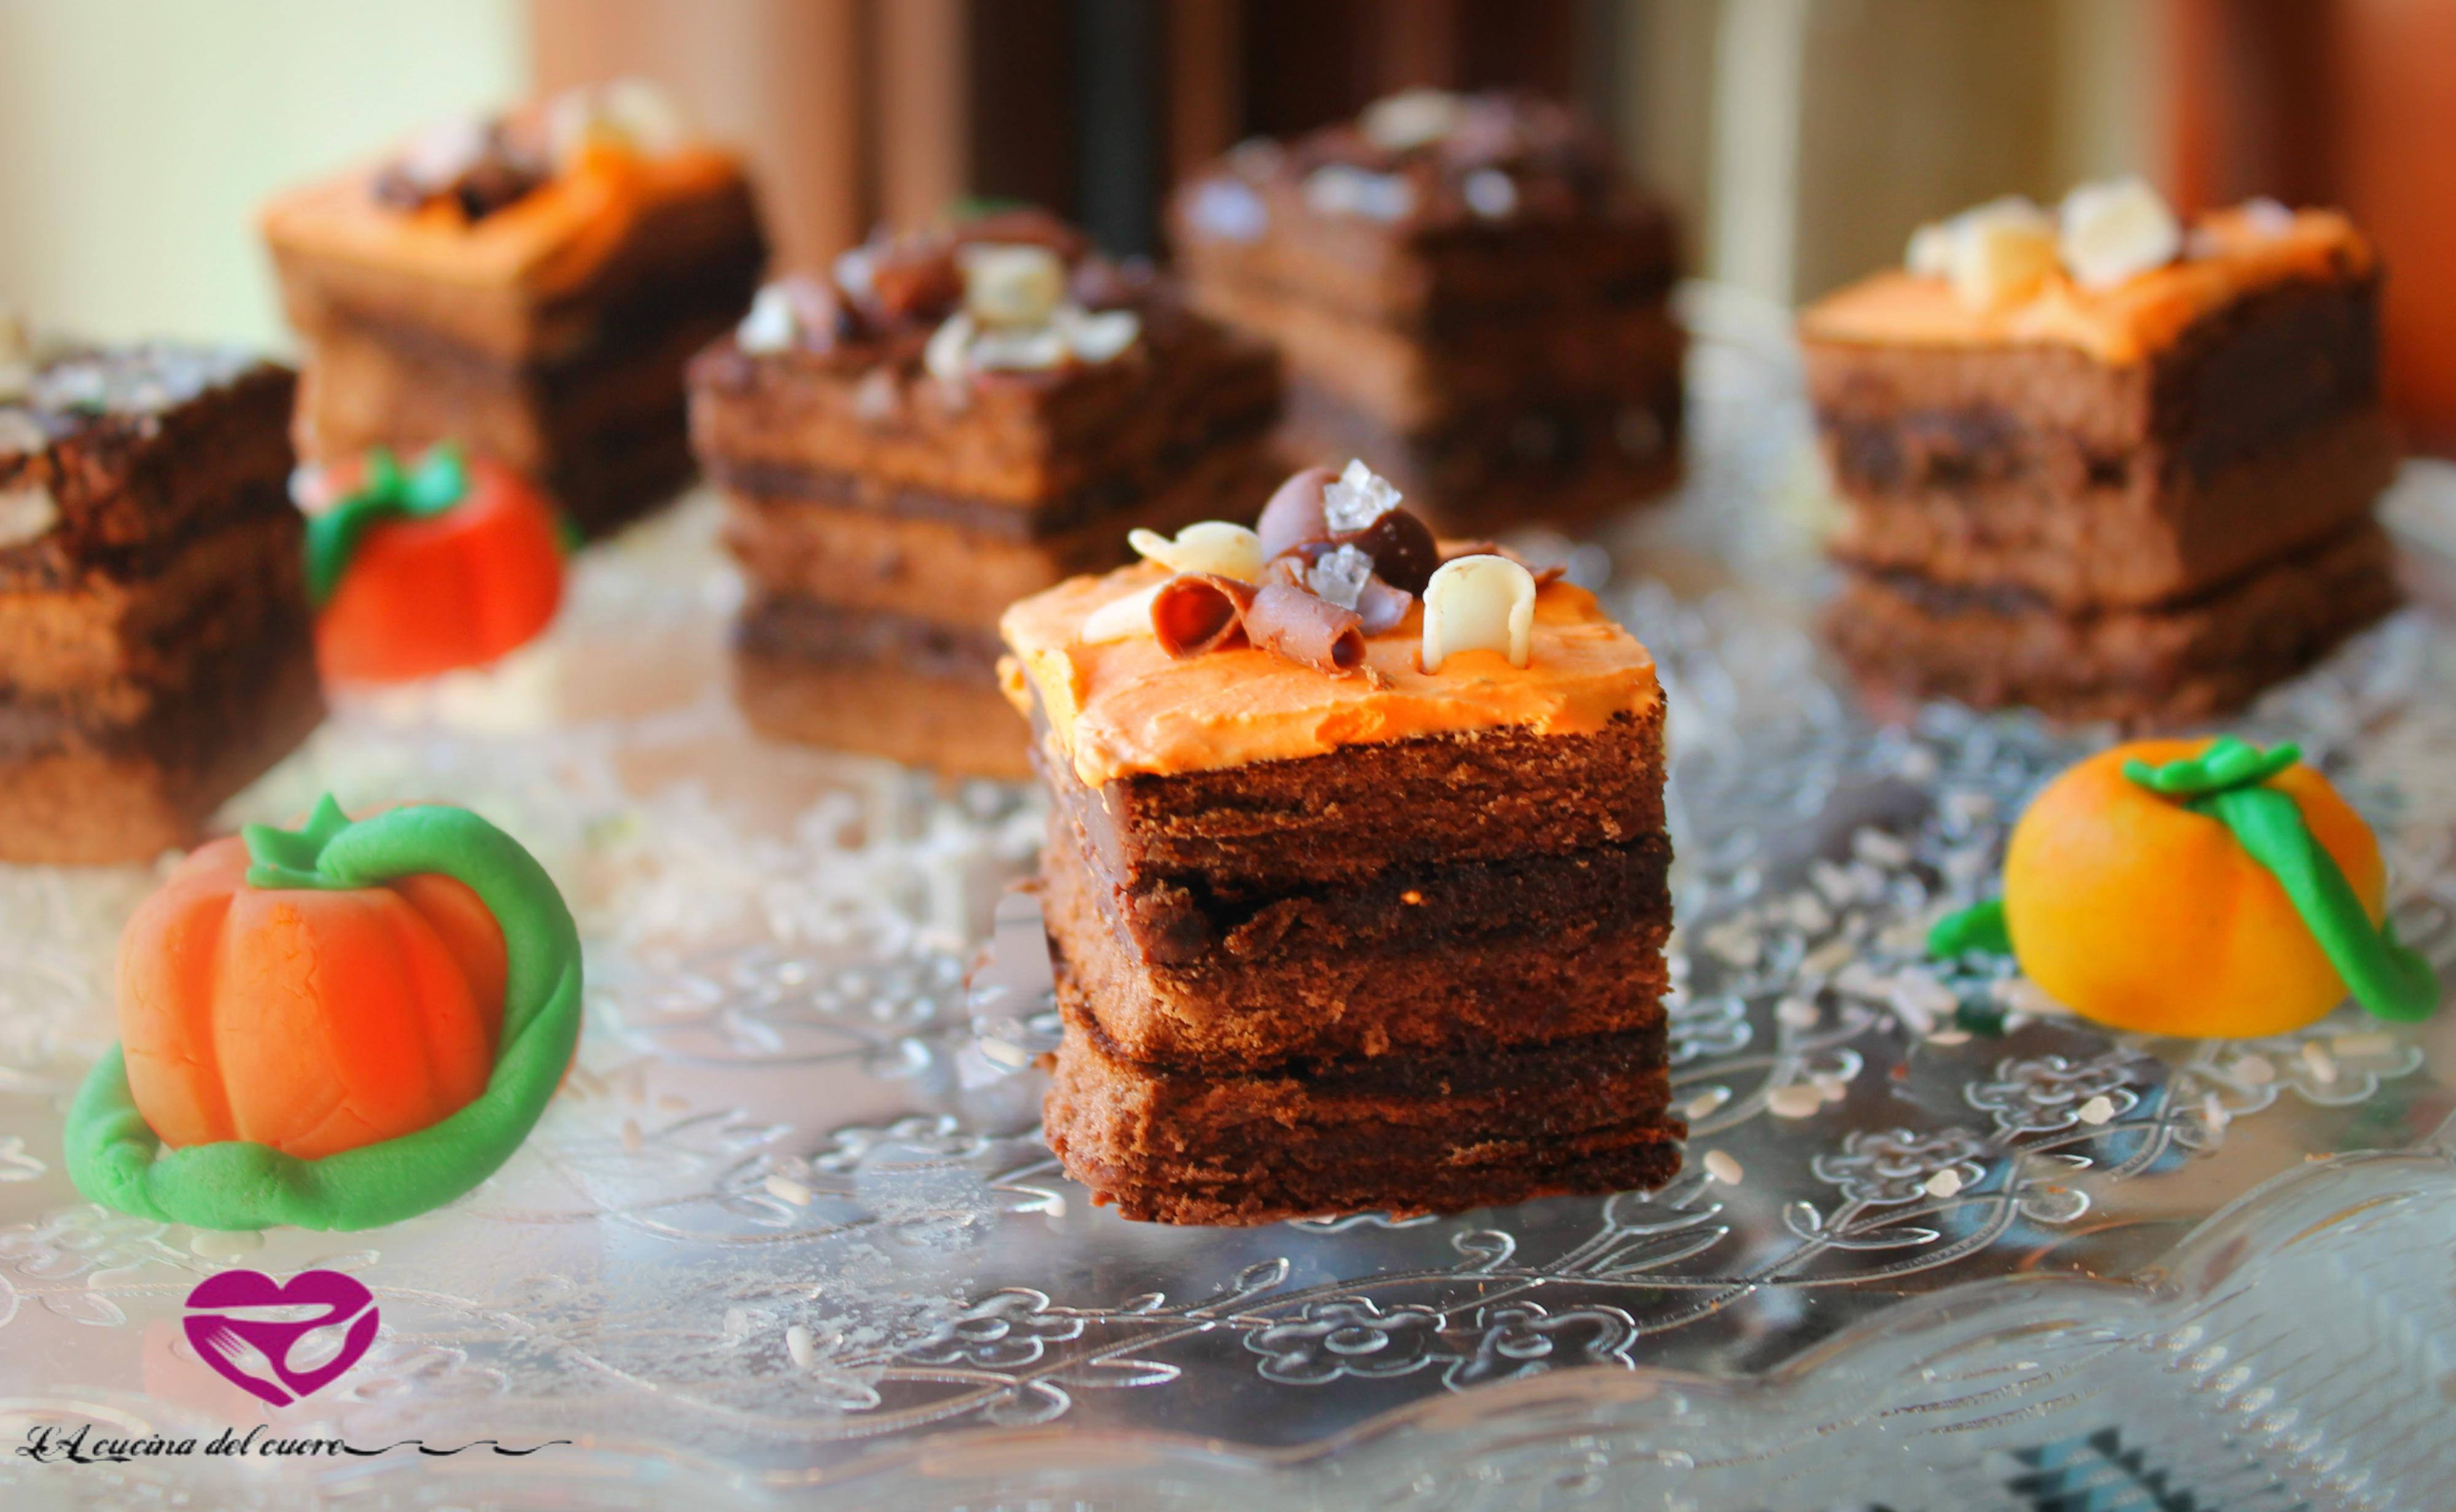 Torta di mele e cioccolato bianco la cucina del cuore - La cucina del cuore ...